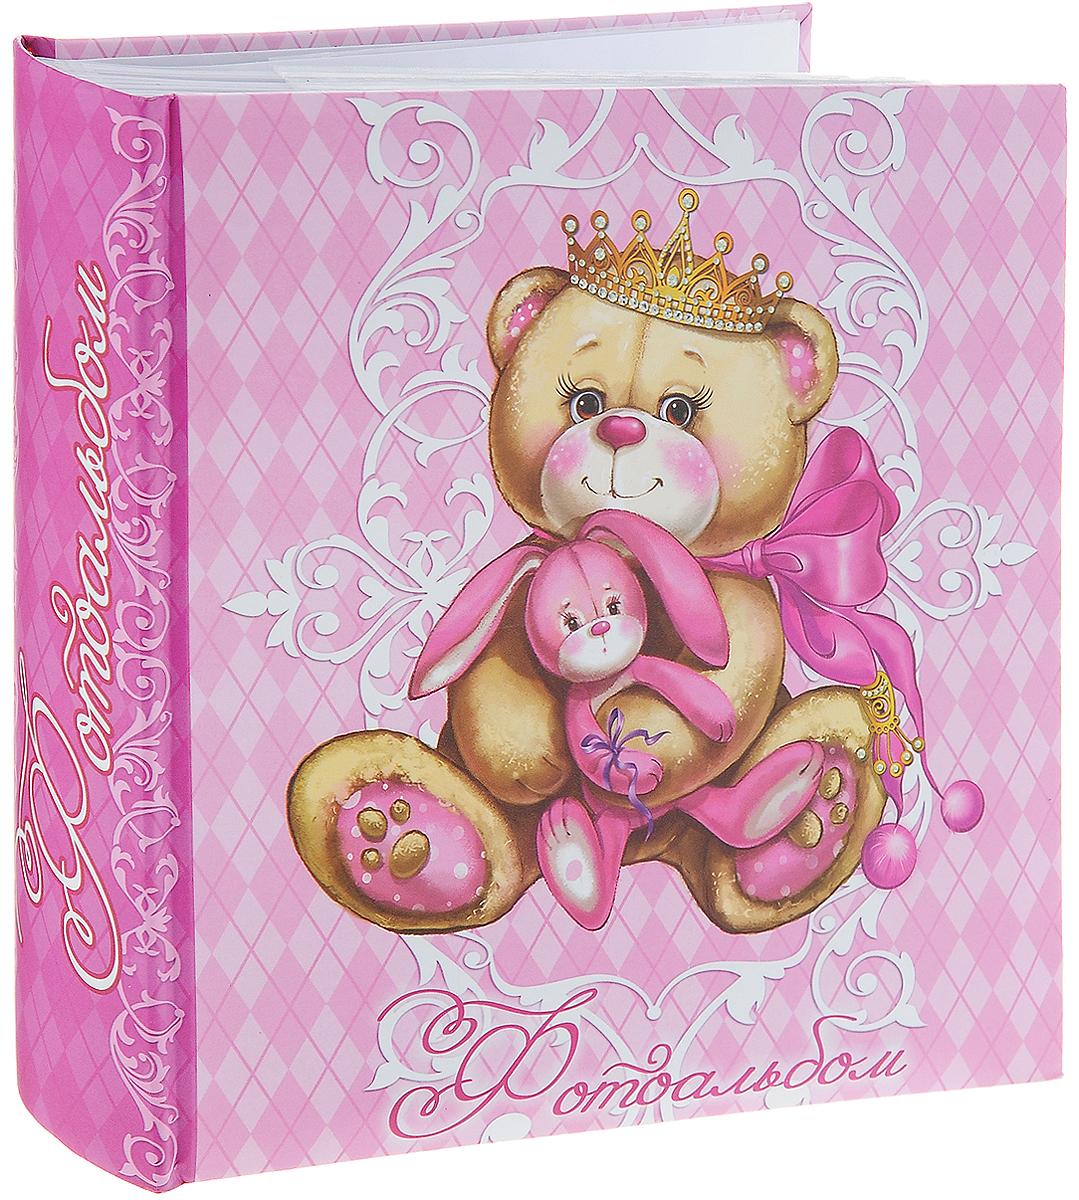 Фотоальбом Magic Home Принцесса-Медведица, цвет: розовый, светло-коричневый, на 200 фотографий, 10 х 15 см41296Фотоальбом Magic Home Принцесса-Медведица поможет красиво оформить ваши самые интересные фотографии. Обложка, выполненная из толстого картона, оформлена красивым изображением. Внутри содержится блок из 50 белых листов с фиксаторами-окошками из полипропилена. Альбом рассчитан на 200 фотографий формата 10 х 15 см (по 2 фотографии на странице). Переплет - книжный. Фотоальбом имеет поля для записей, что позволит подписать фотографии. Нам всегда так приятно вспоминать о самых счастливых моментах жизни, запечатленных на фотографиях. Поэтому фотоальбом является универсальным подарком к любому празднику. Количество листов: 50 шт. Размер фотоальбома: 22 х 22 см.